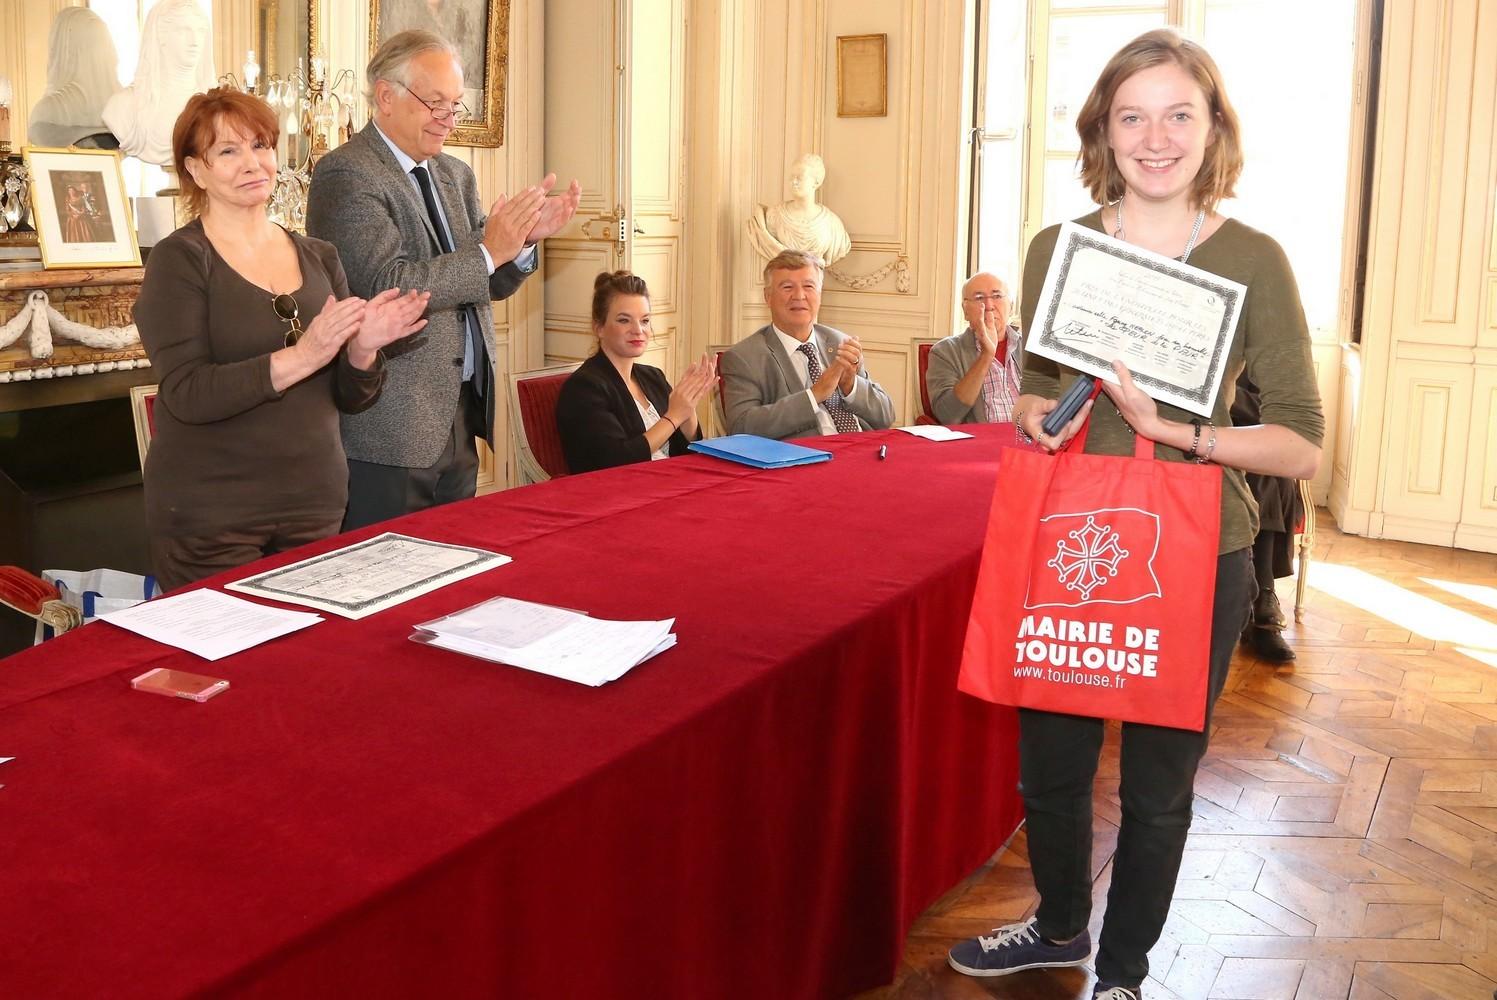 Fanny Méplomb félicitée par le jury des Gourmets de lettres